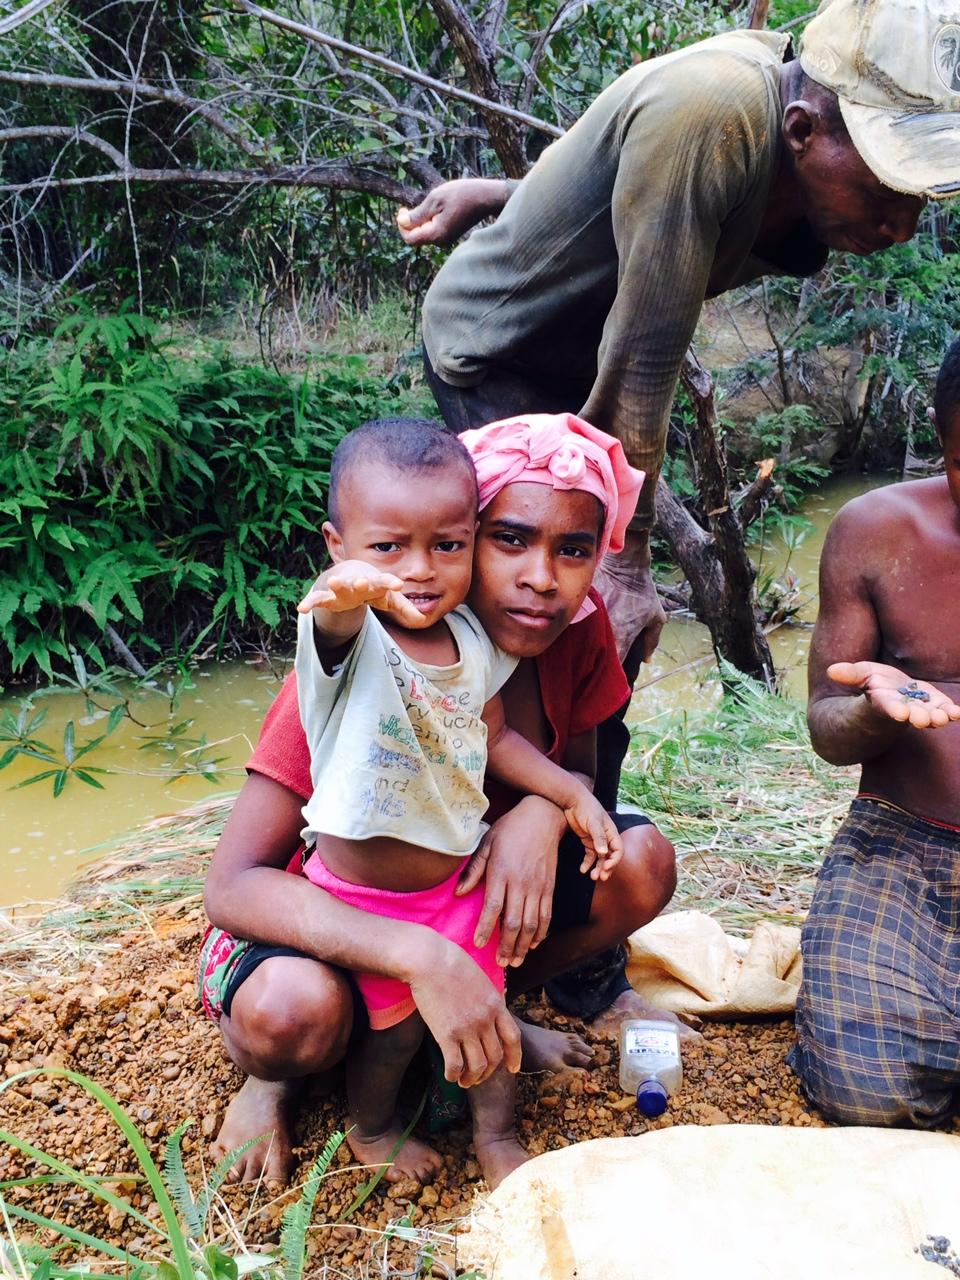 Malgas édesanya a gyermekével egy zafírbánya közelében, mellettük zafírválogatás folyik (Fotó: Szabó Nóra)